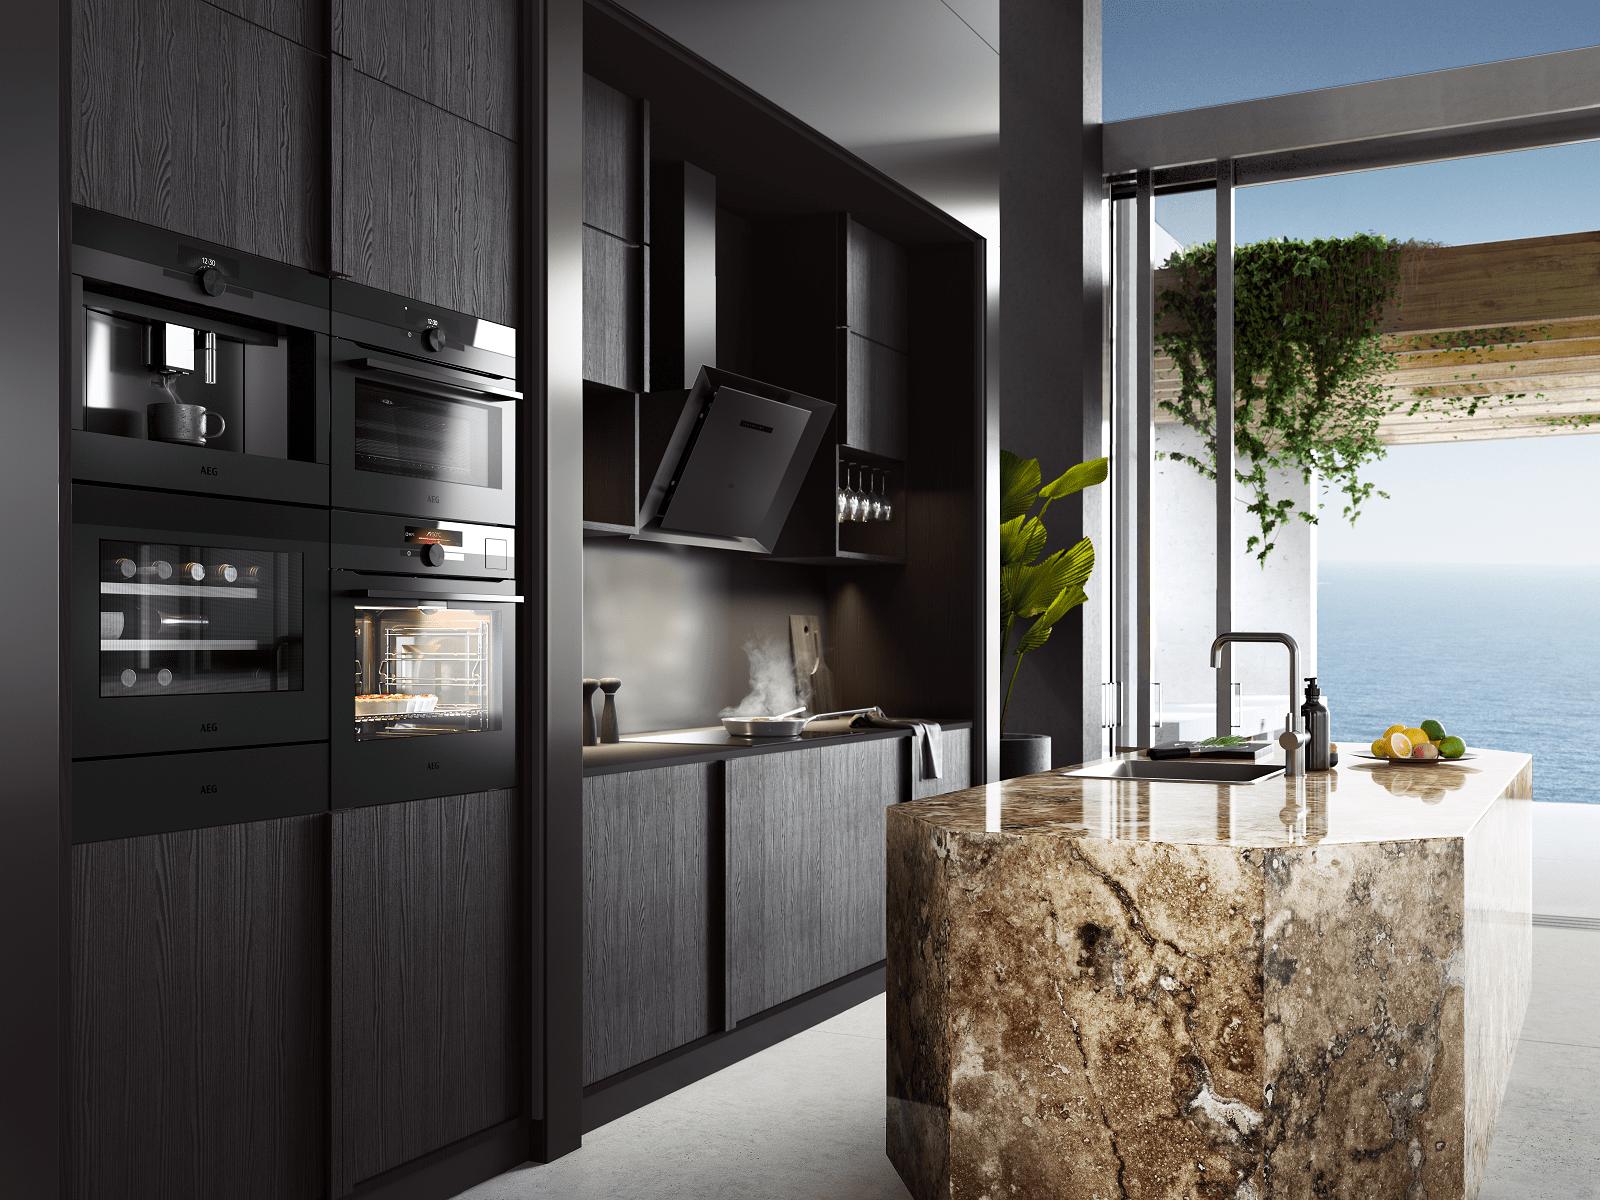 Mat-zwarte-keuken-AEG-min